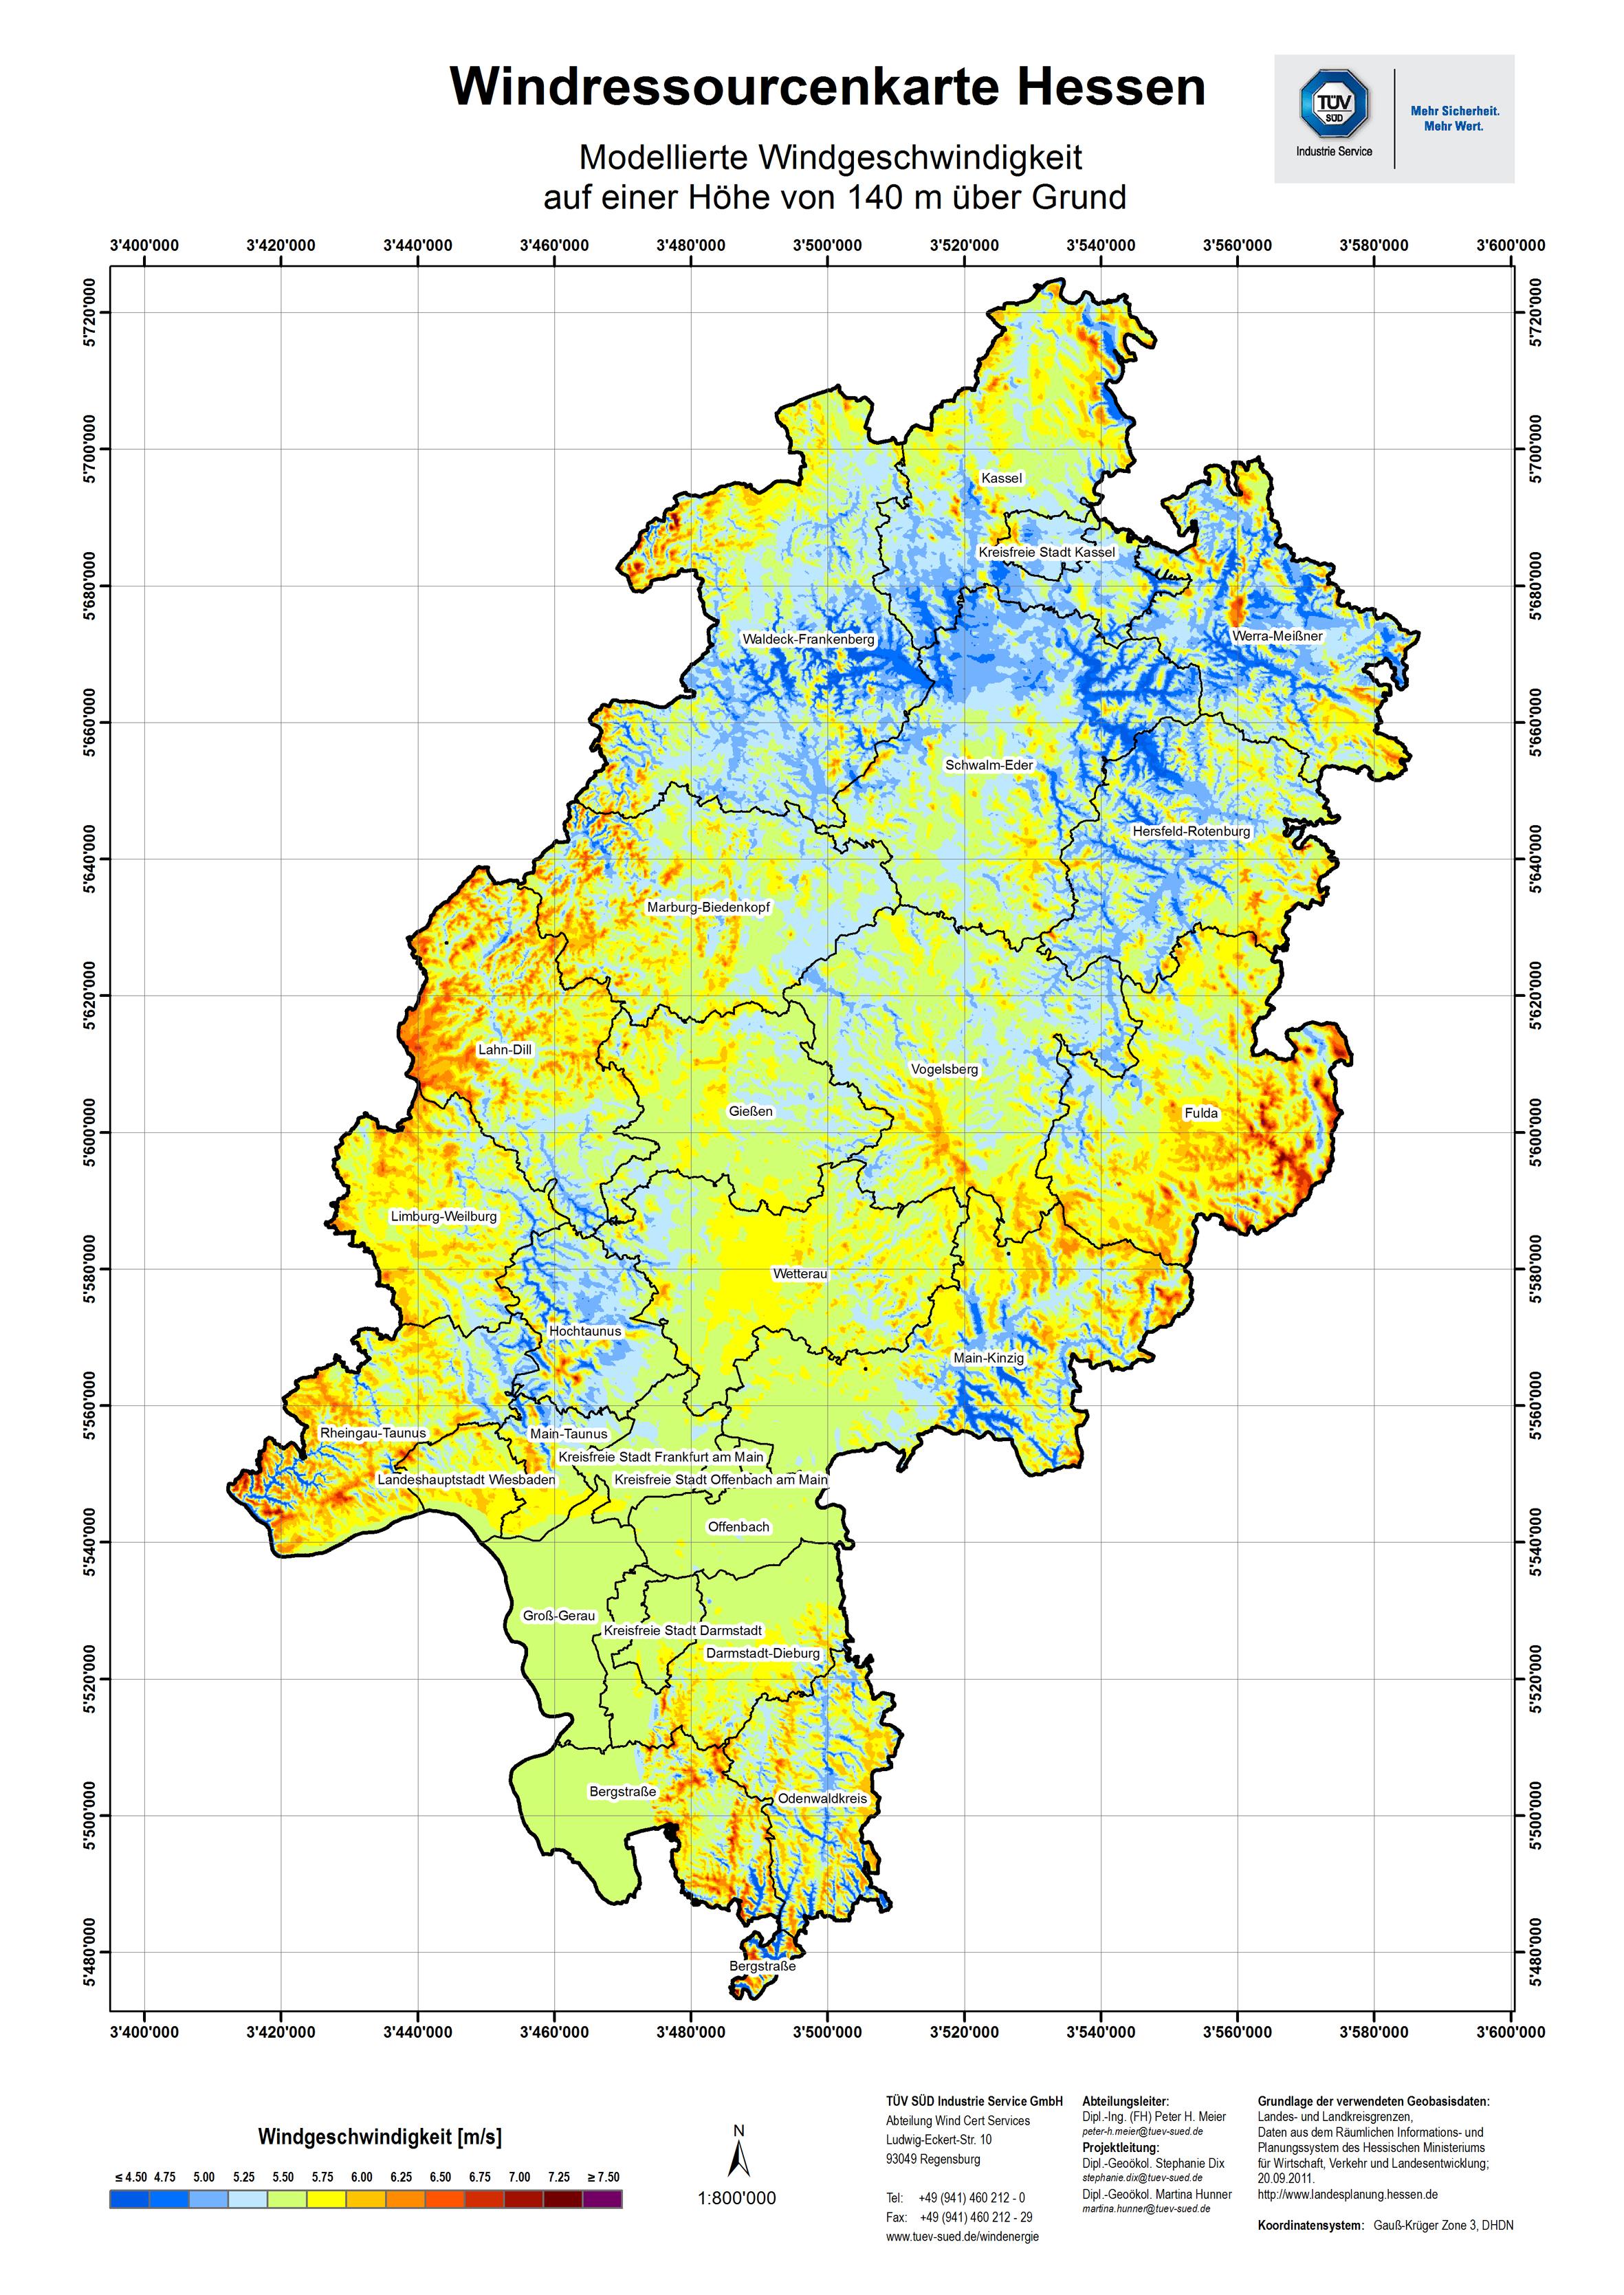 Windpotentialkarte Hessen